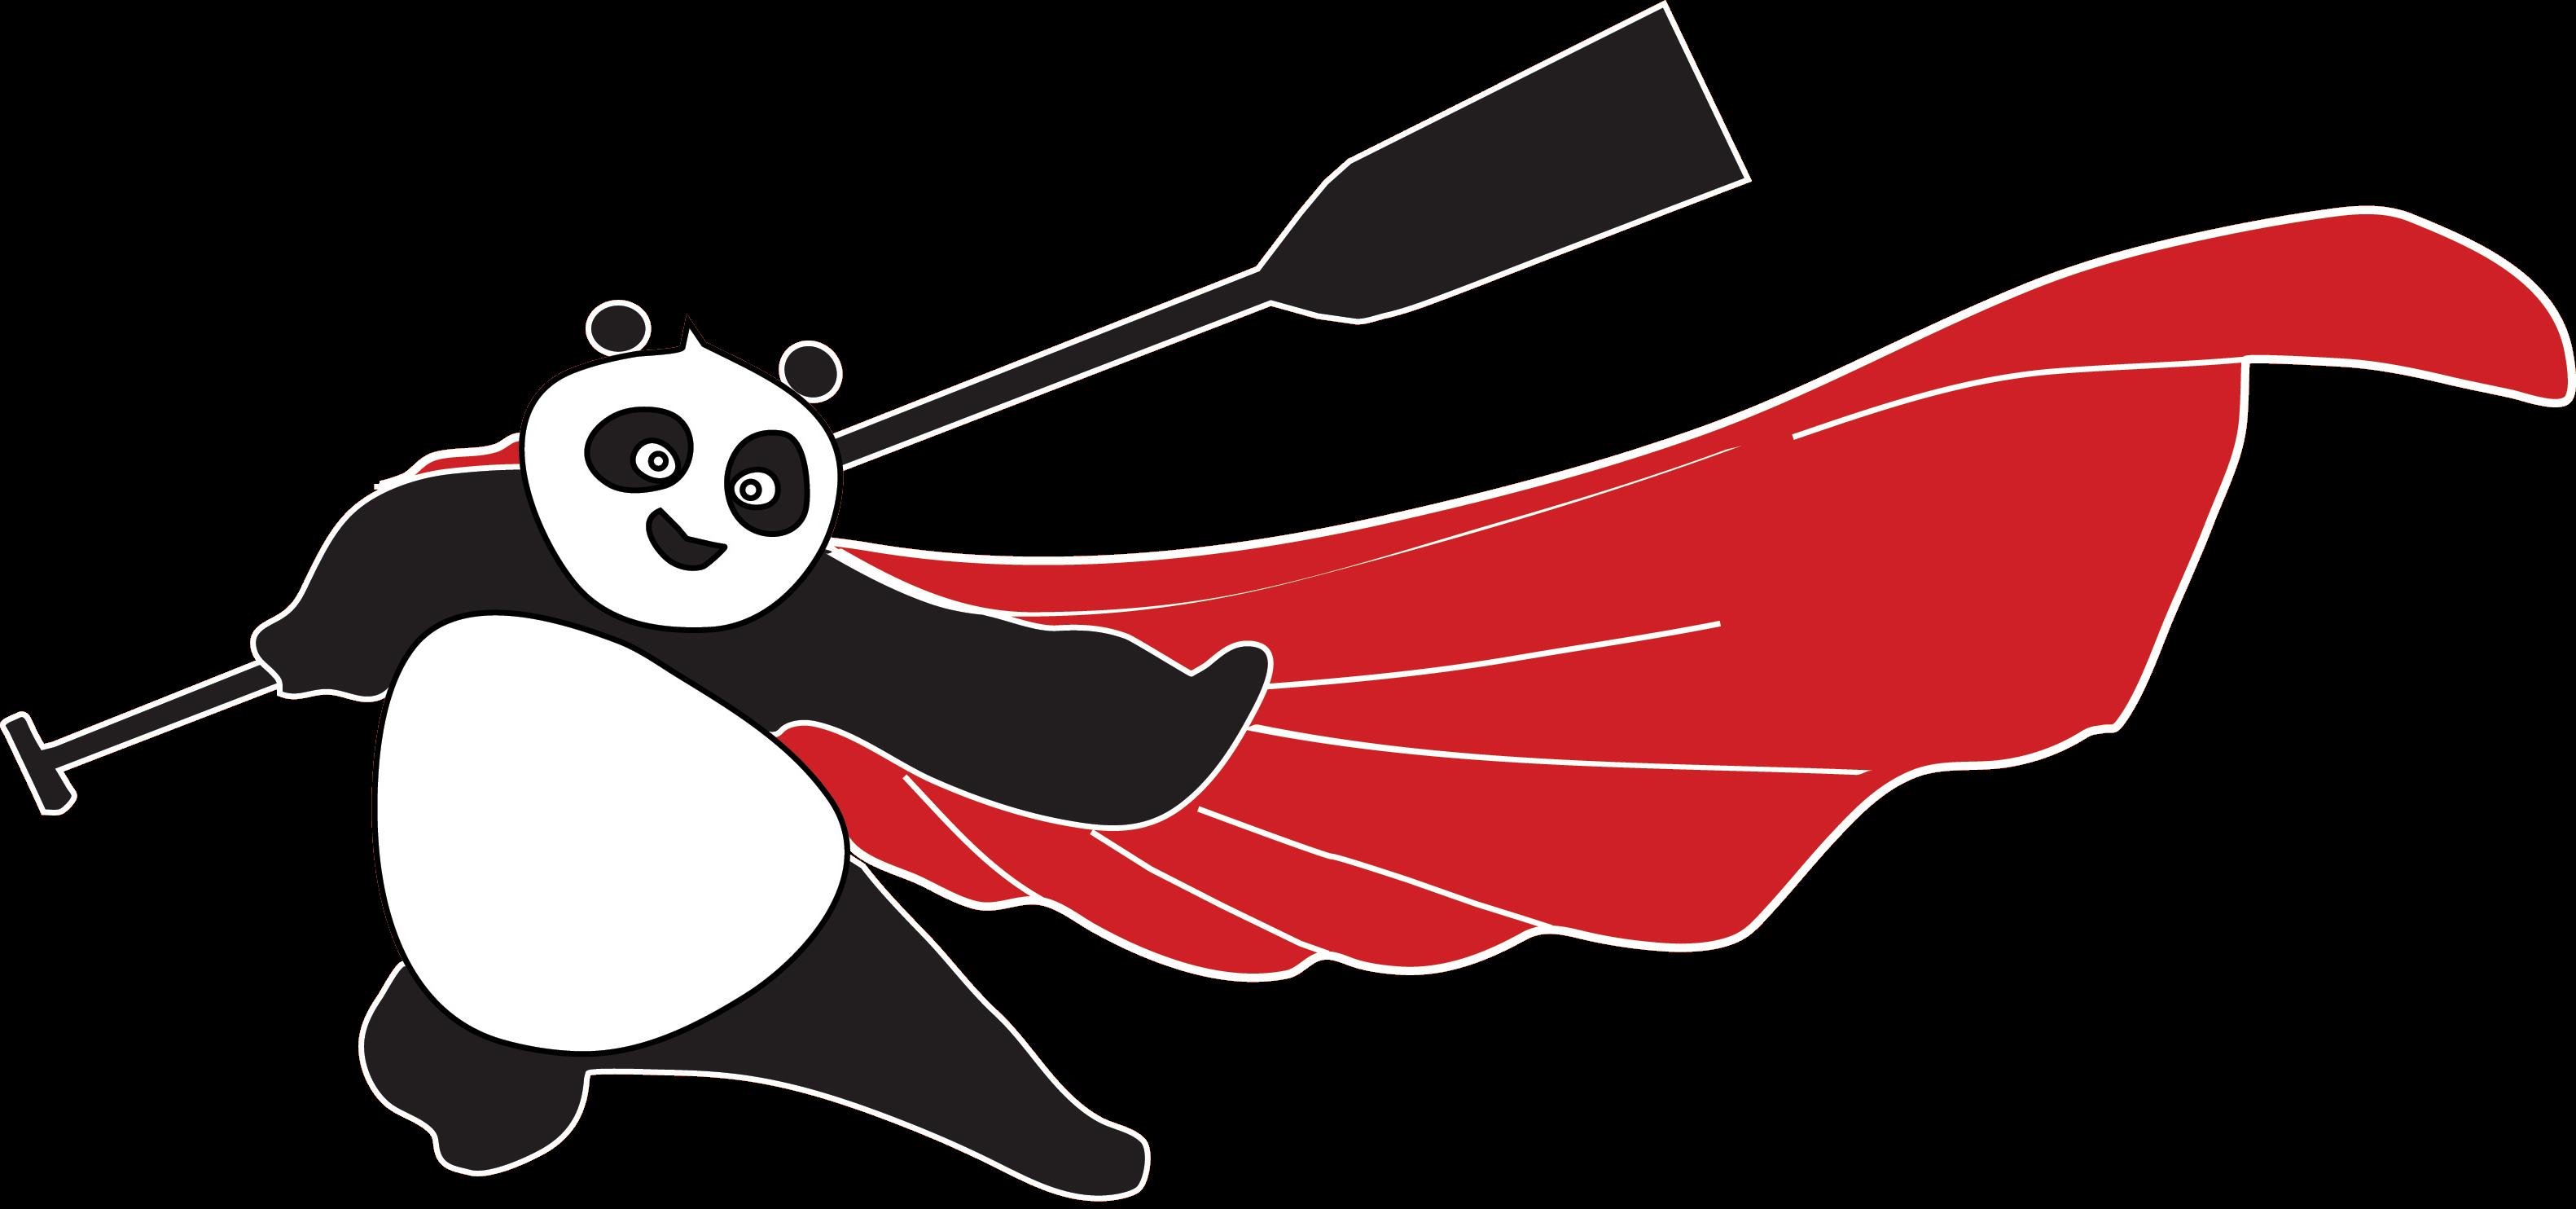 Windy Pandas